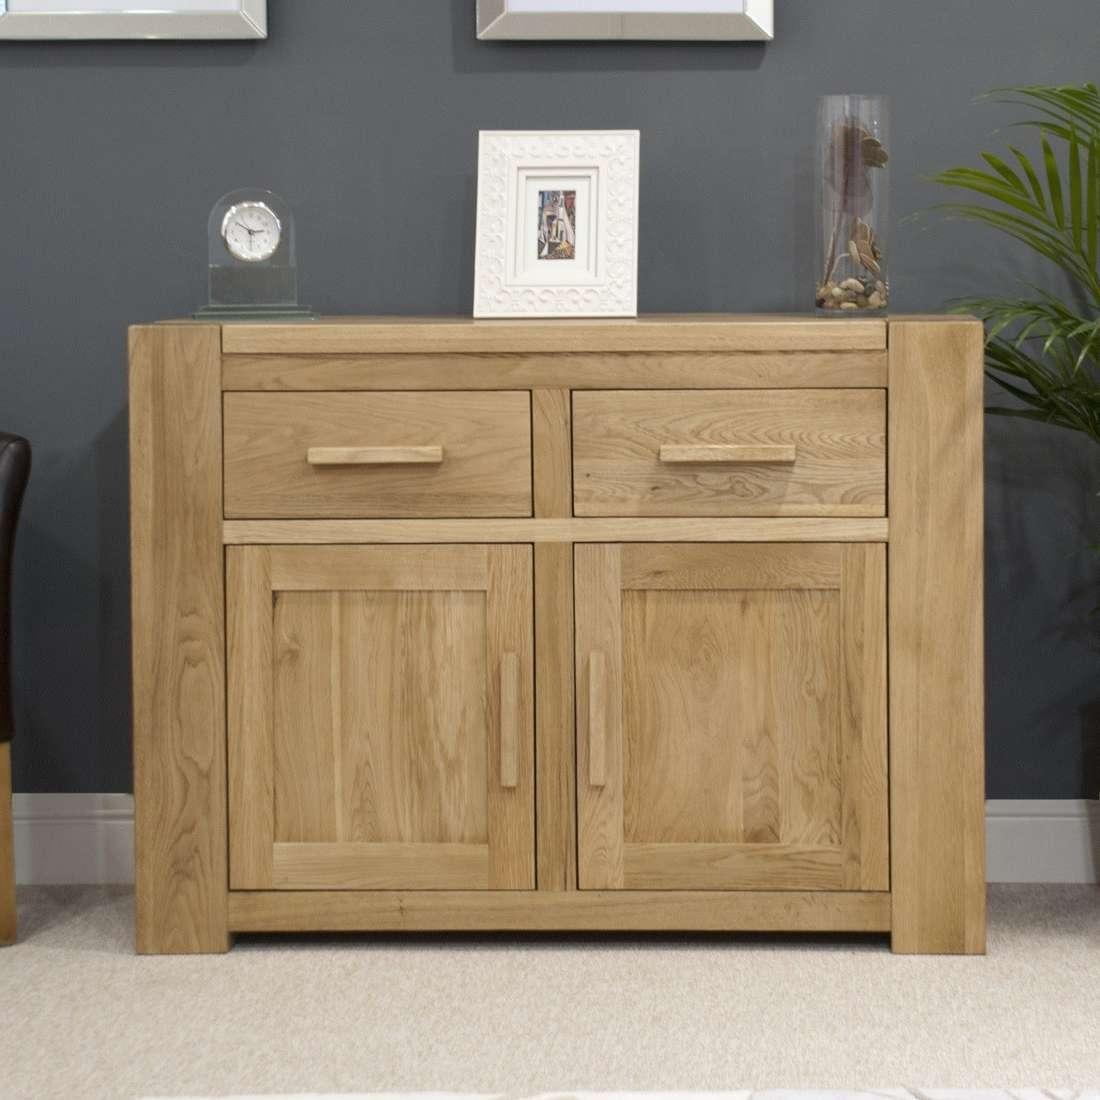 Trend Solid Oak Small 2 Door Sideboard | Oak Furniture Uk Regarding 2 Door Sideboards (View 16 of 20)